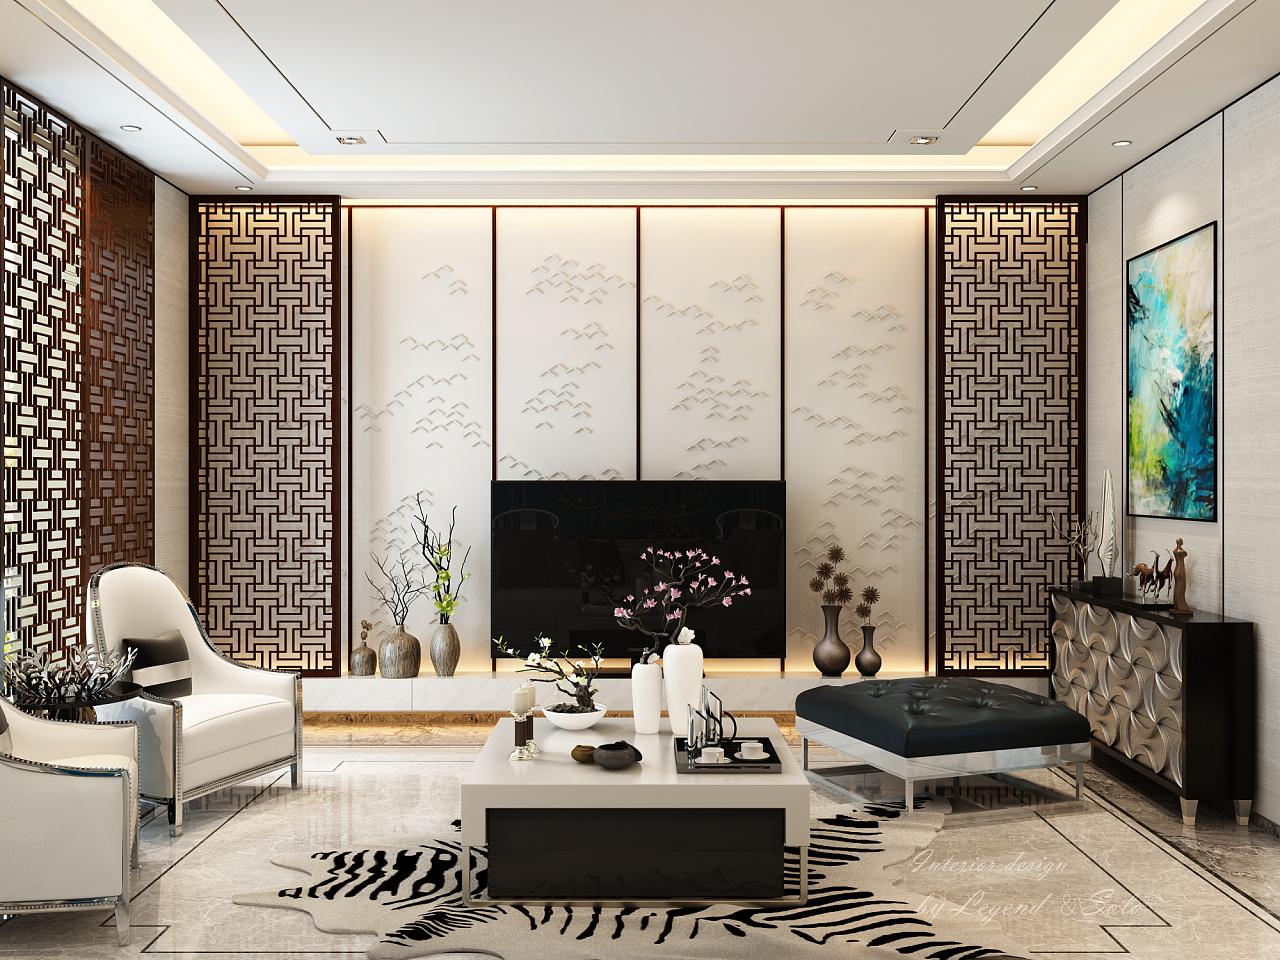 新中式or港式|空间|室内设计|隐居地球 - 原创作品图片